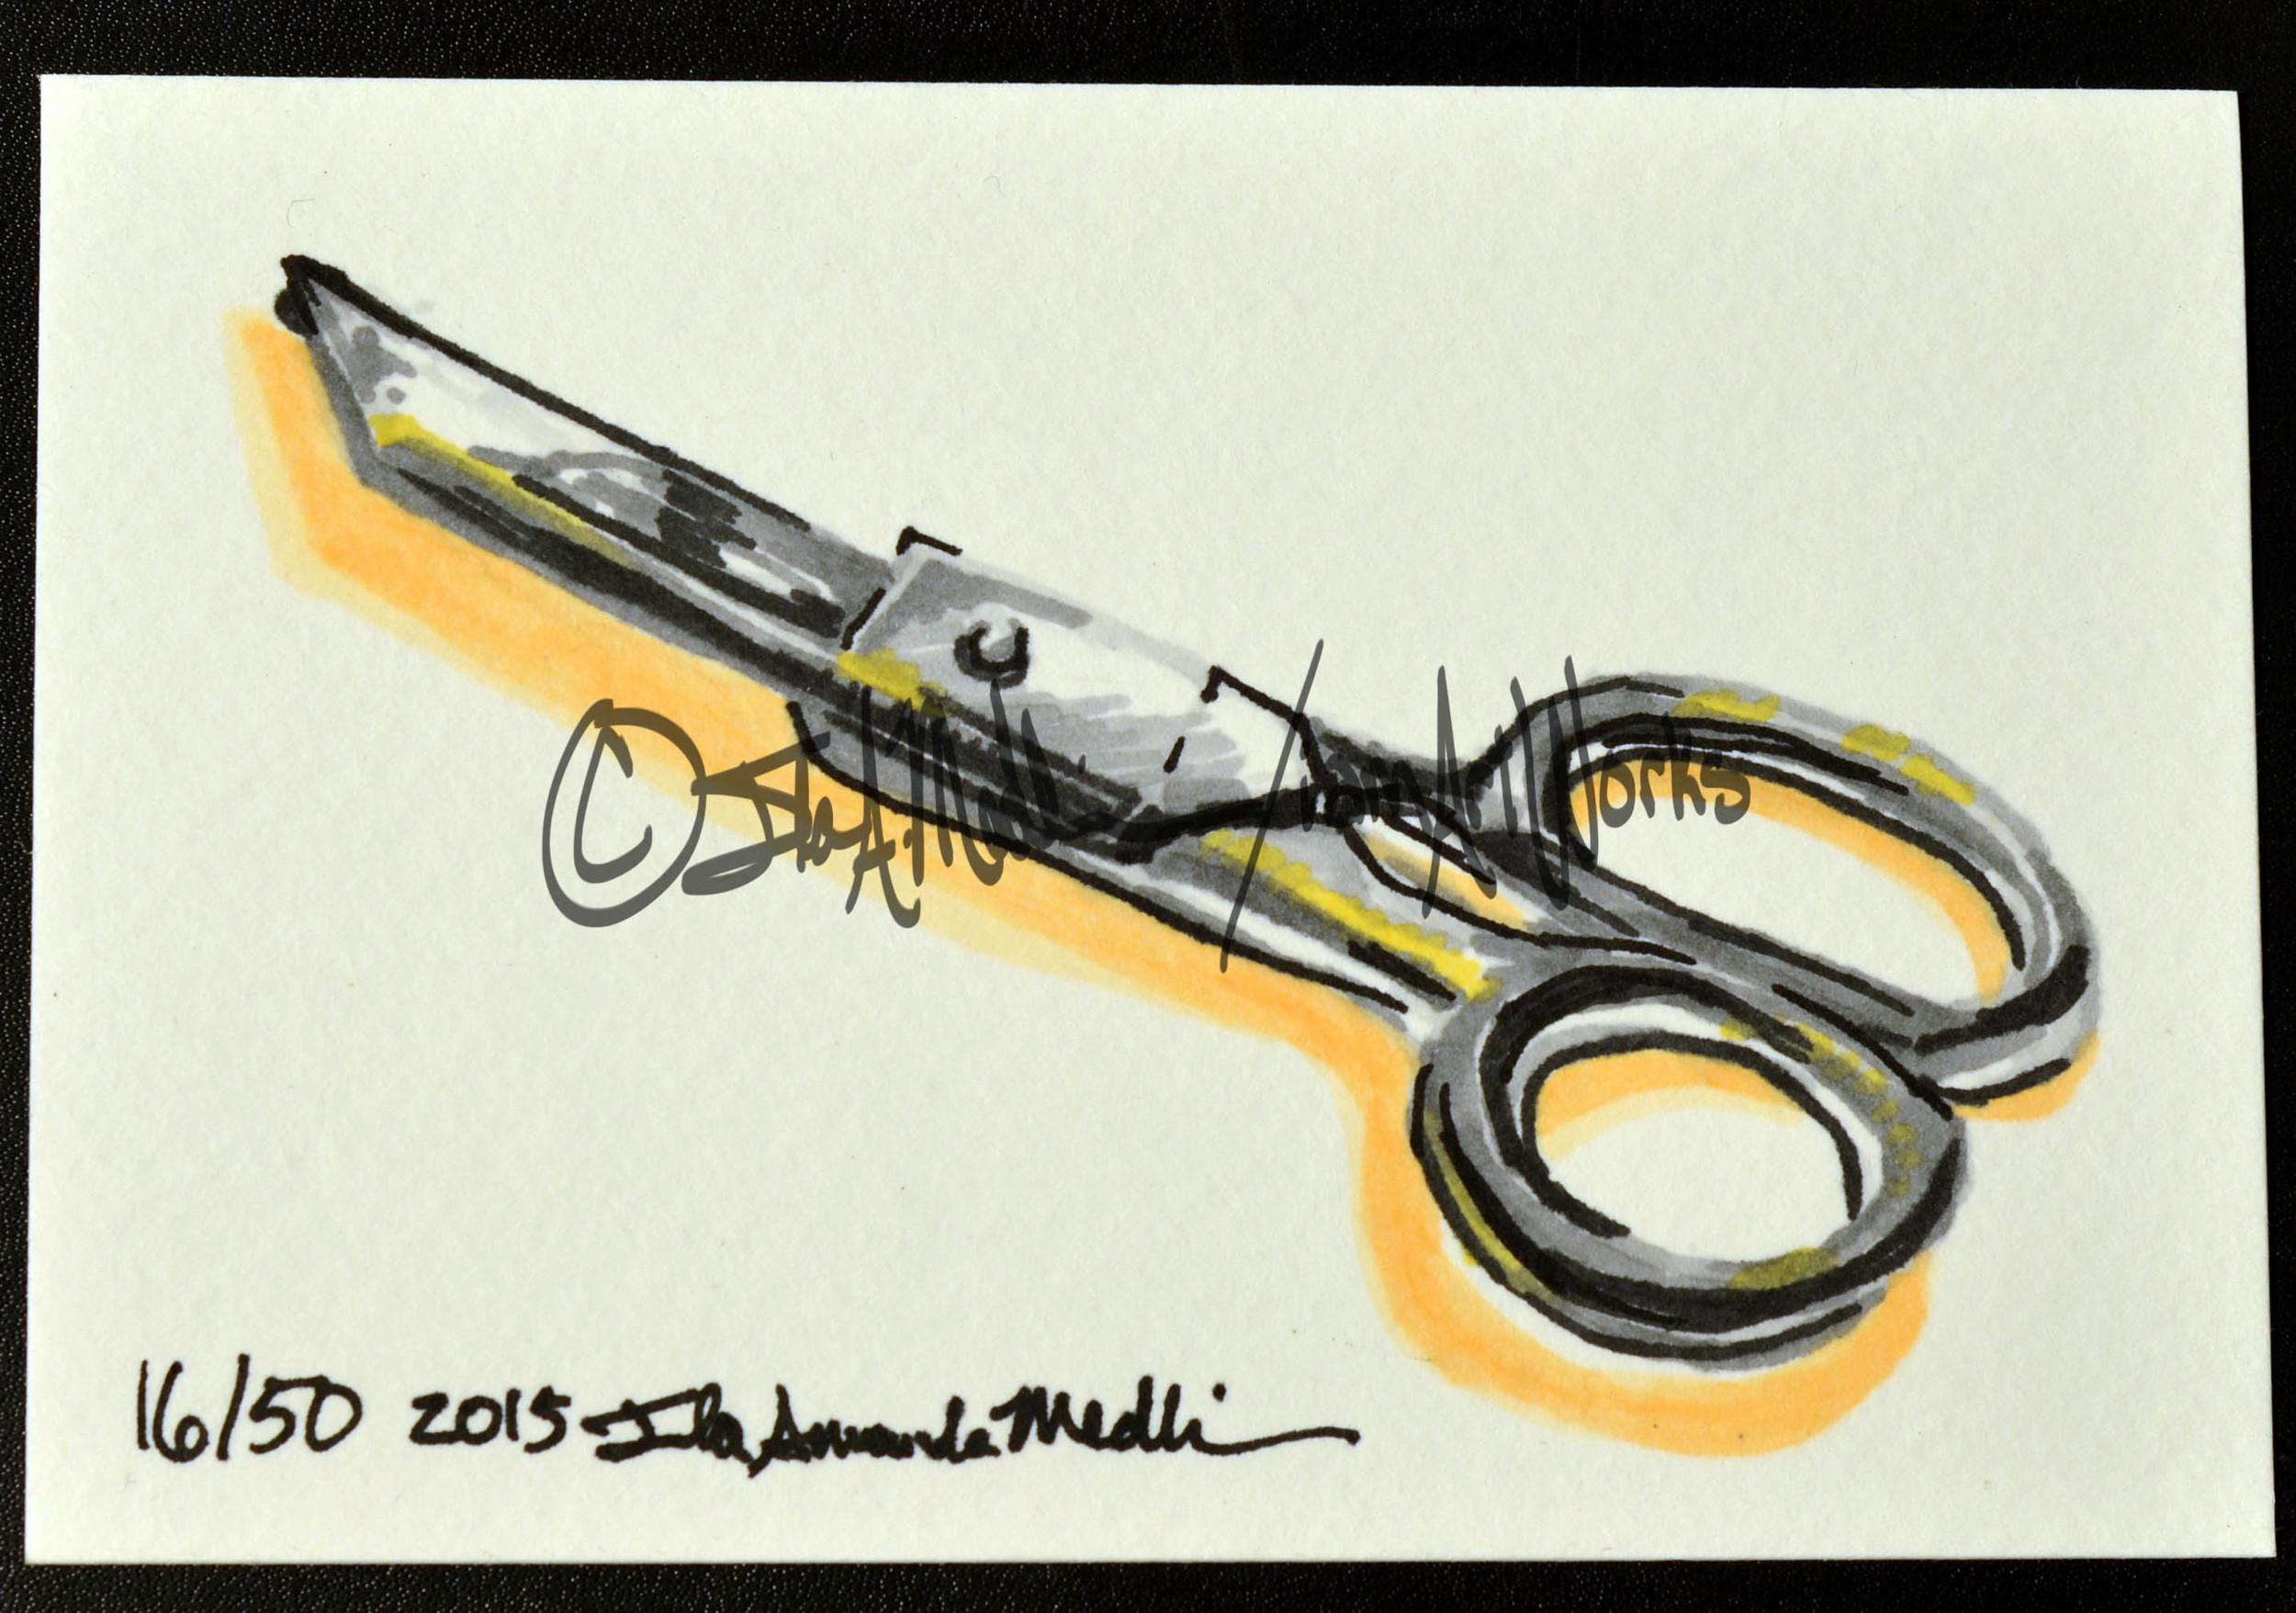 markercard scissors.jpg